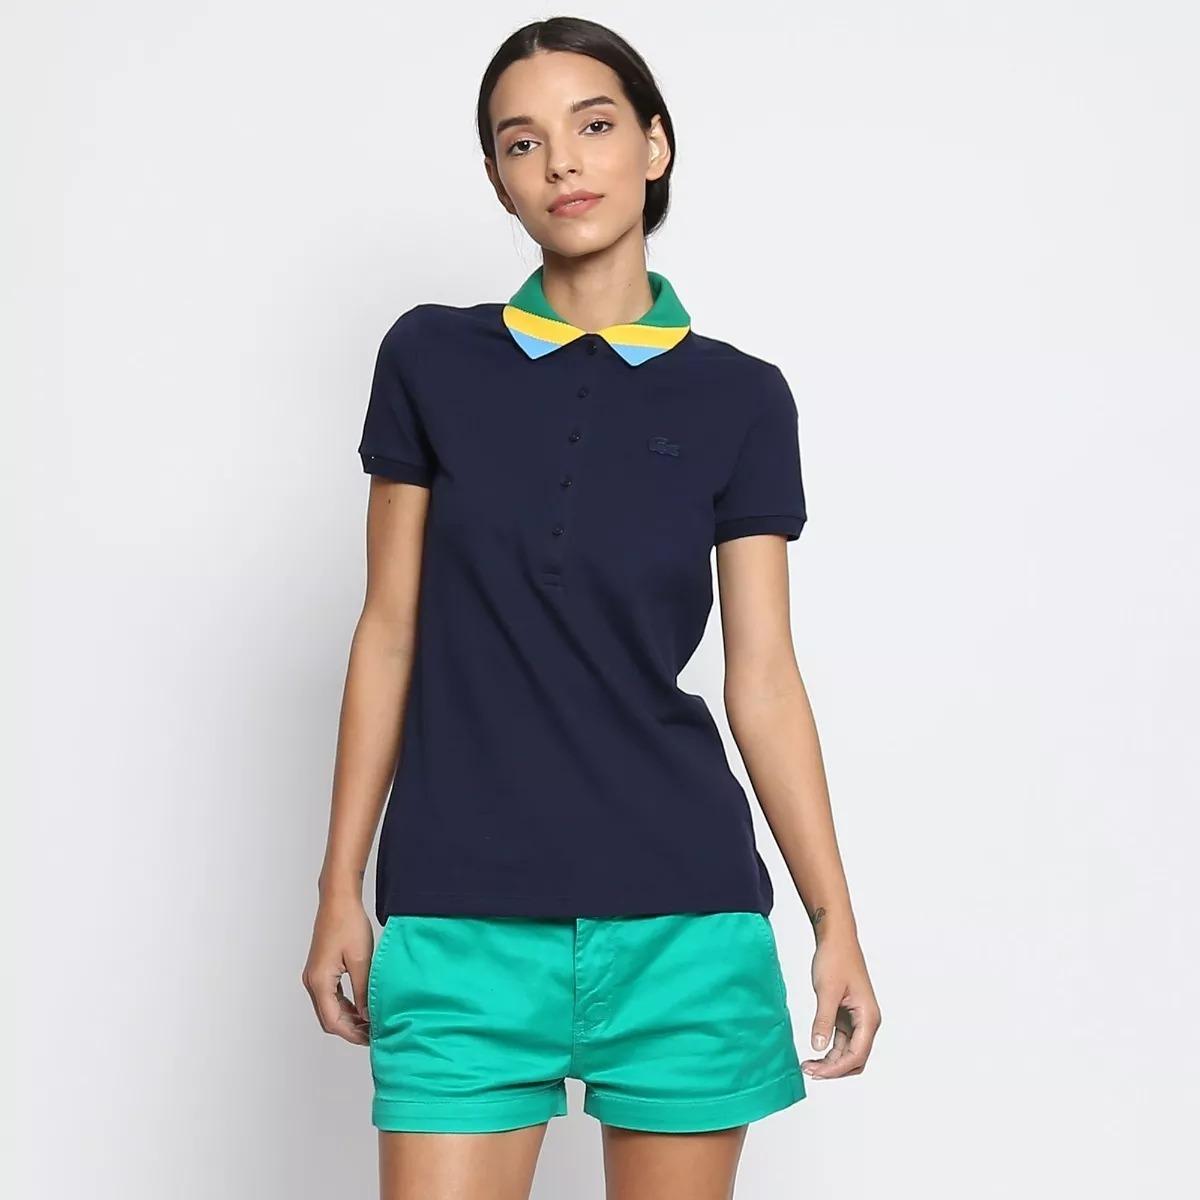 Camisa Polo Lacoste Feminina Em Piquê Bandeira - R  230,00 em ... d4a51ca756